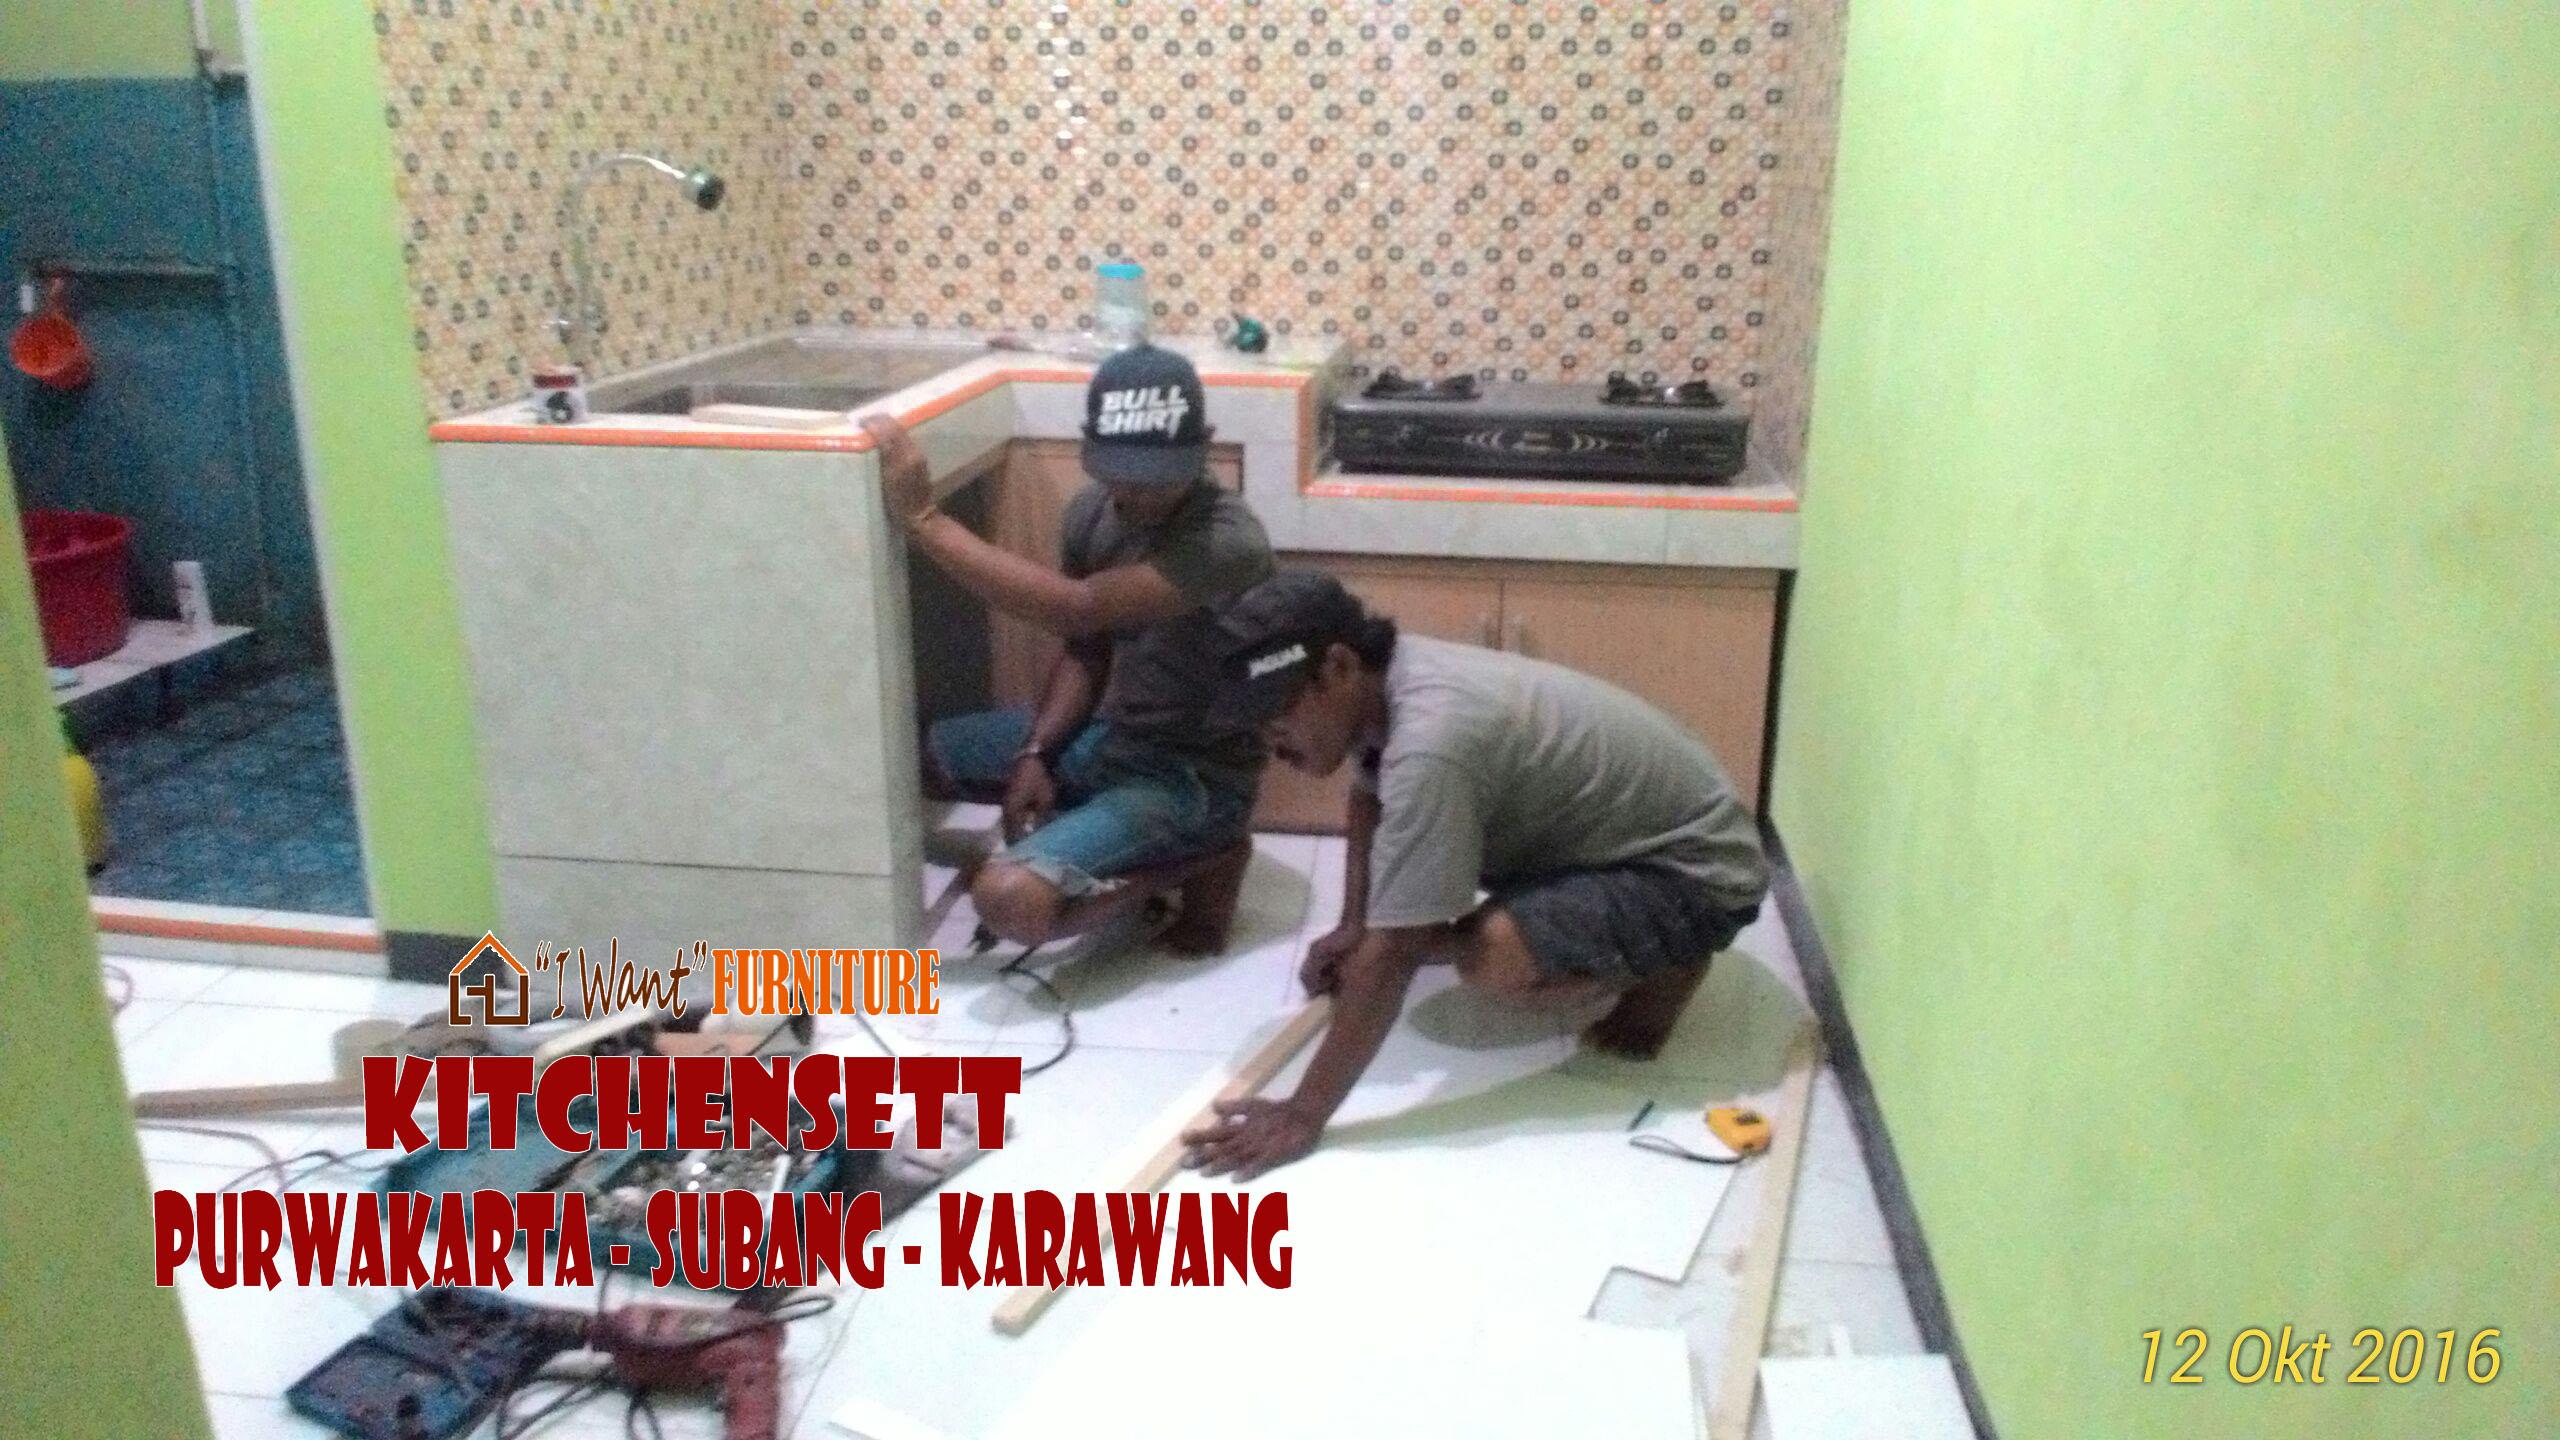 Dimana Buat Furniture Tempat Tidur Yang Rapih Di Subang Kecamatan Kalijati Jual Harga Kitchenset Dan Furniture Murah